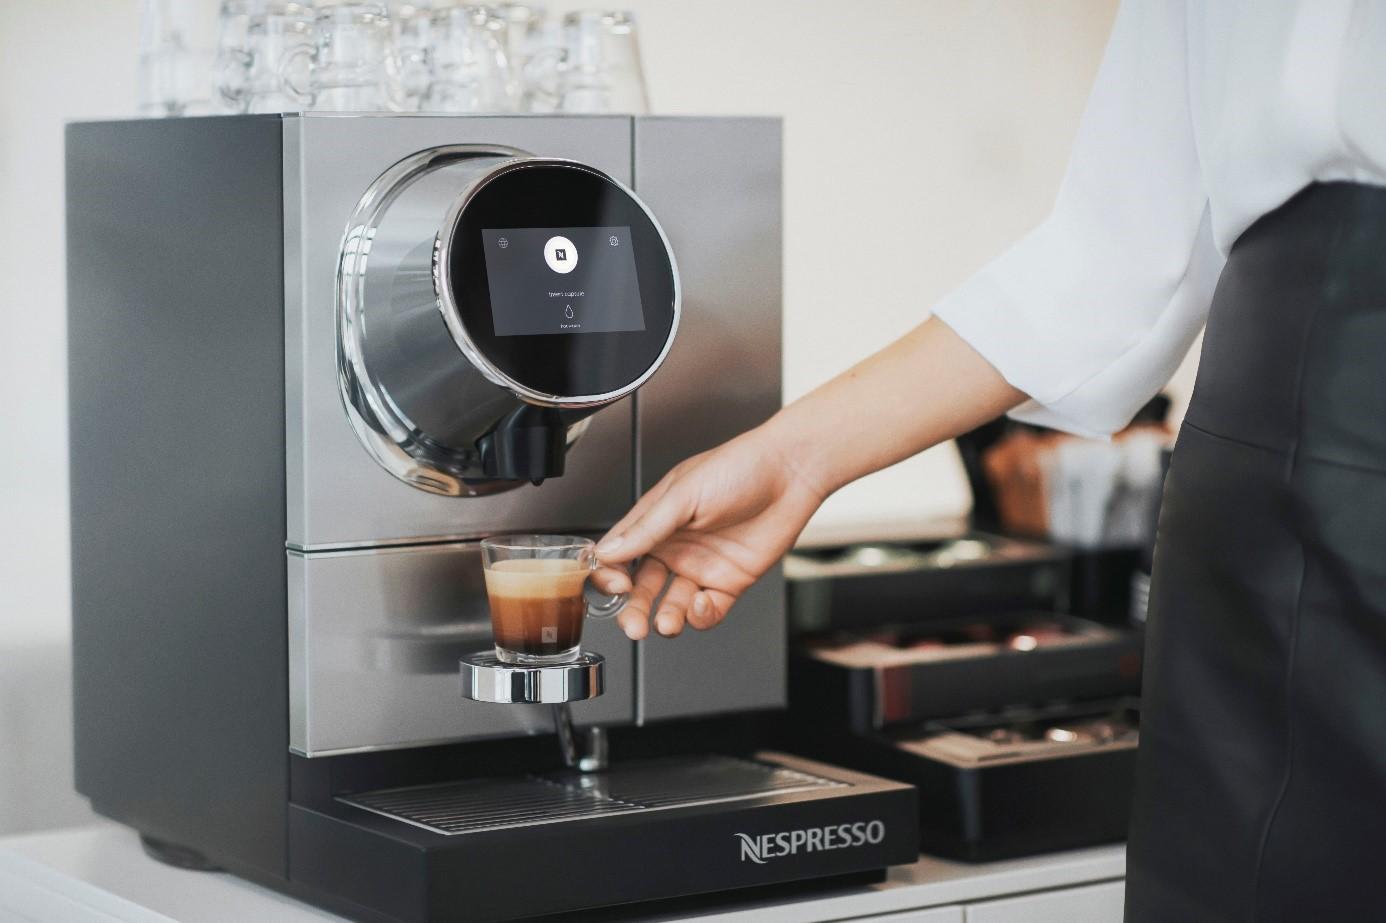 Hvordan en kopp kaffe blir tilberedt